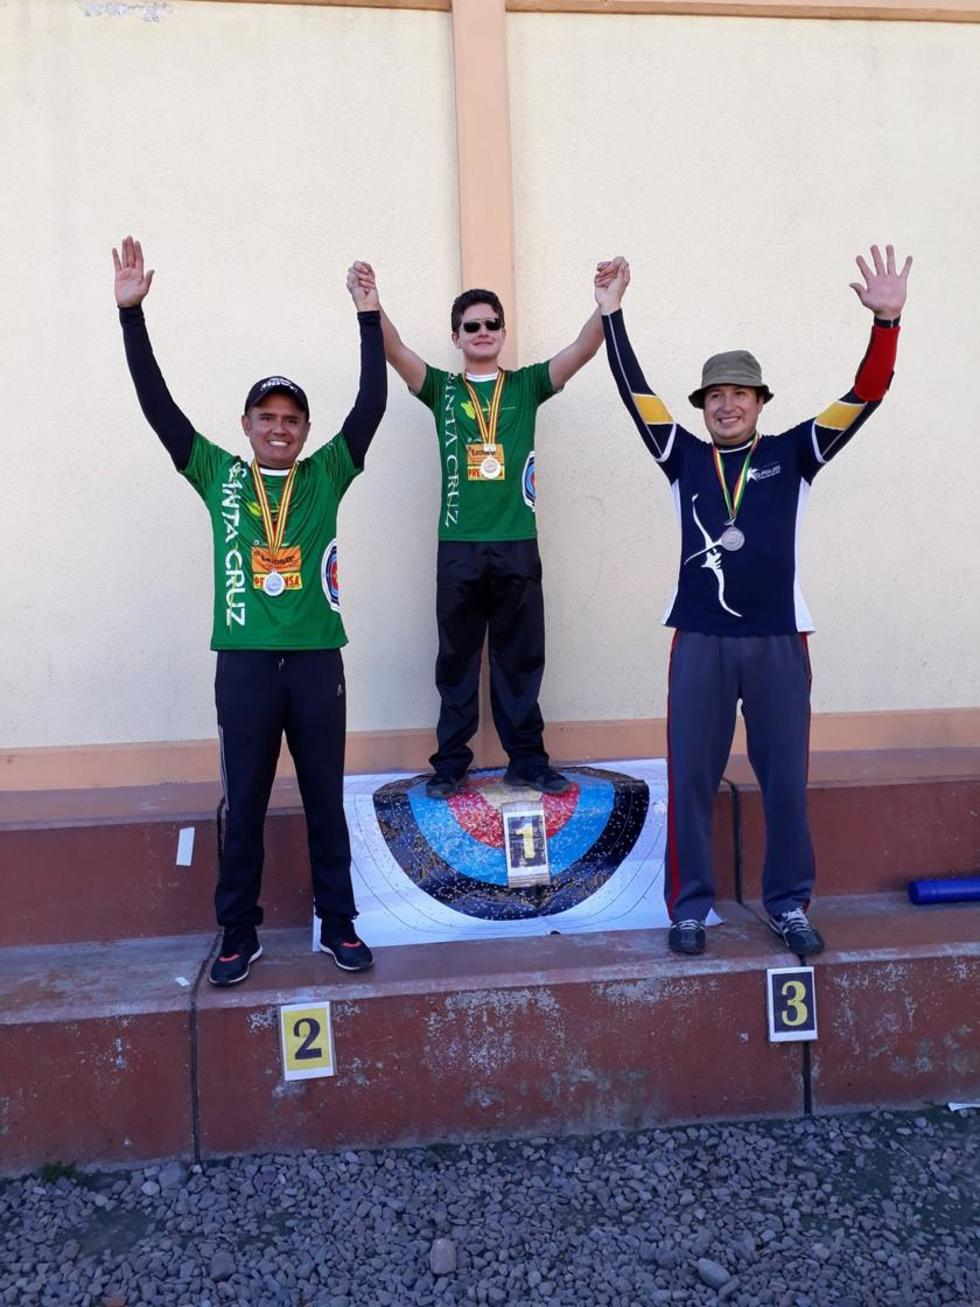 José Gamarra, José María Lizarazu y Felipe Flores, en el podio.